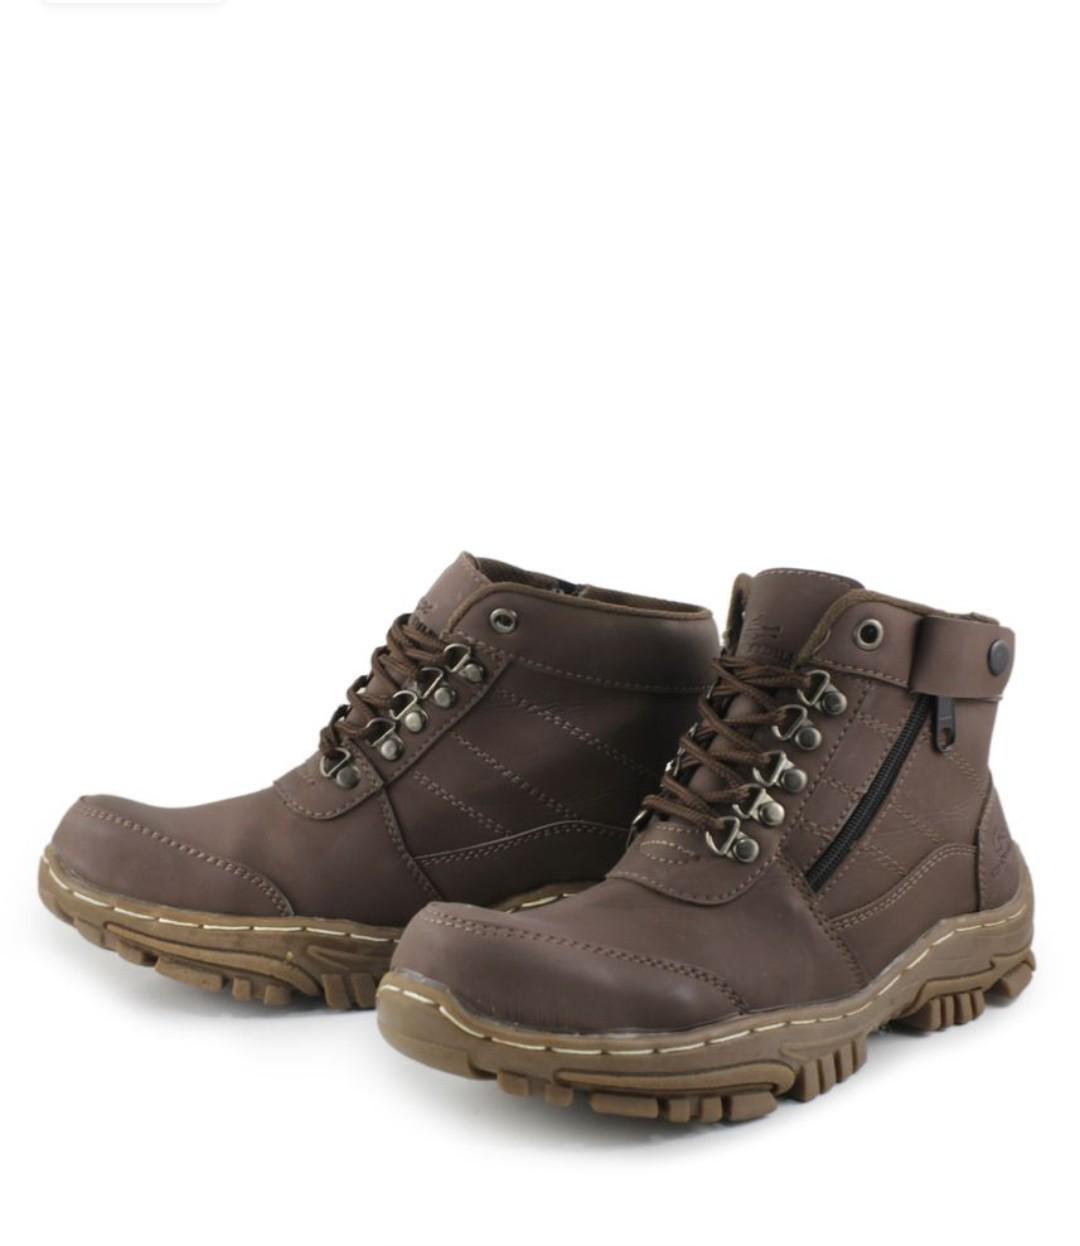 Sepatu Boots Pria Crocodille Delta Safety Ujung Besi (Sepatu Gunung - Tracking - Hiking And Touring) SEPATU Boots PDL Pria Kulit Asli sepatu motor rider touring sport sepatu gunung / TNI / Polri / Satpam (UJUNG BESI)